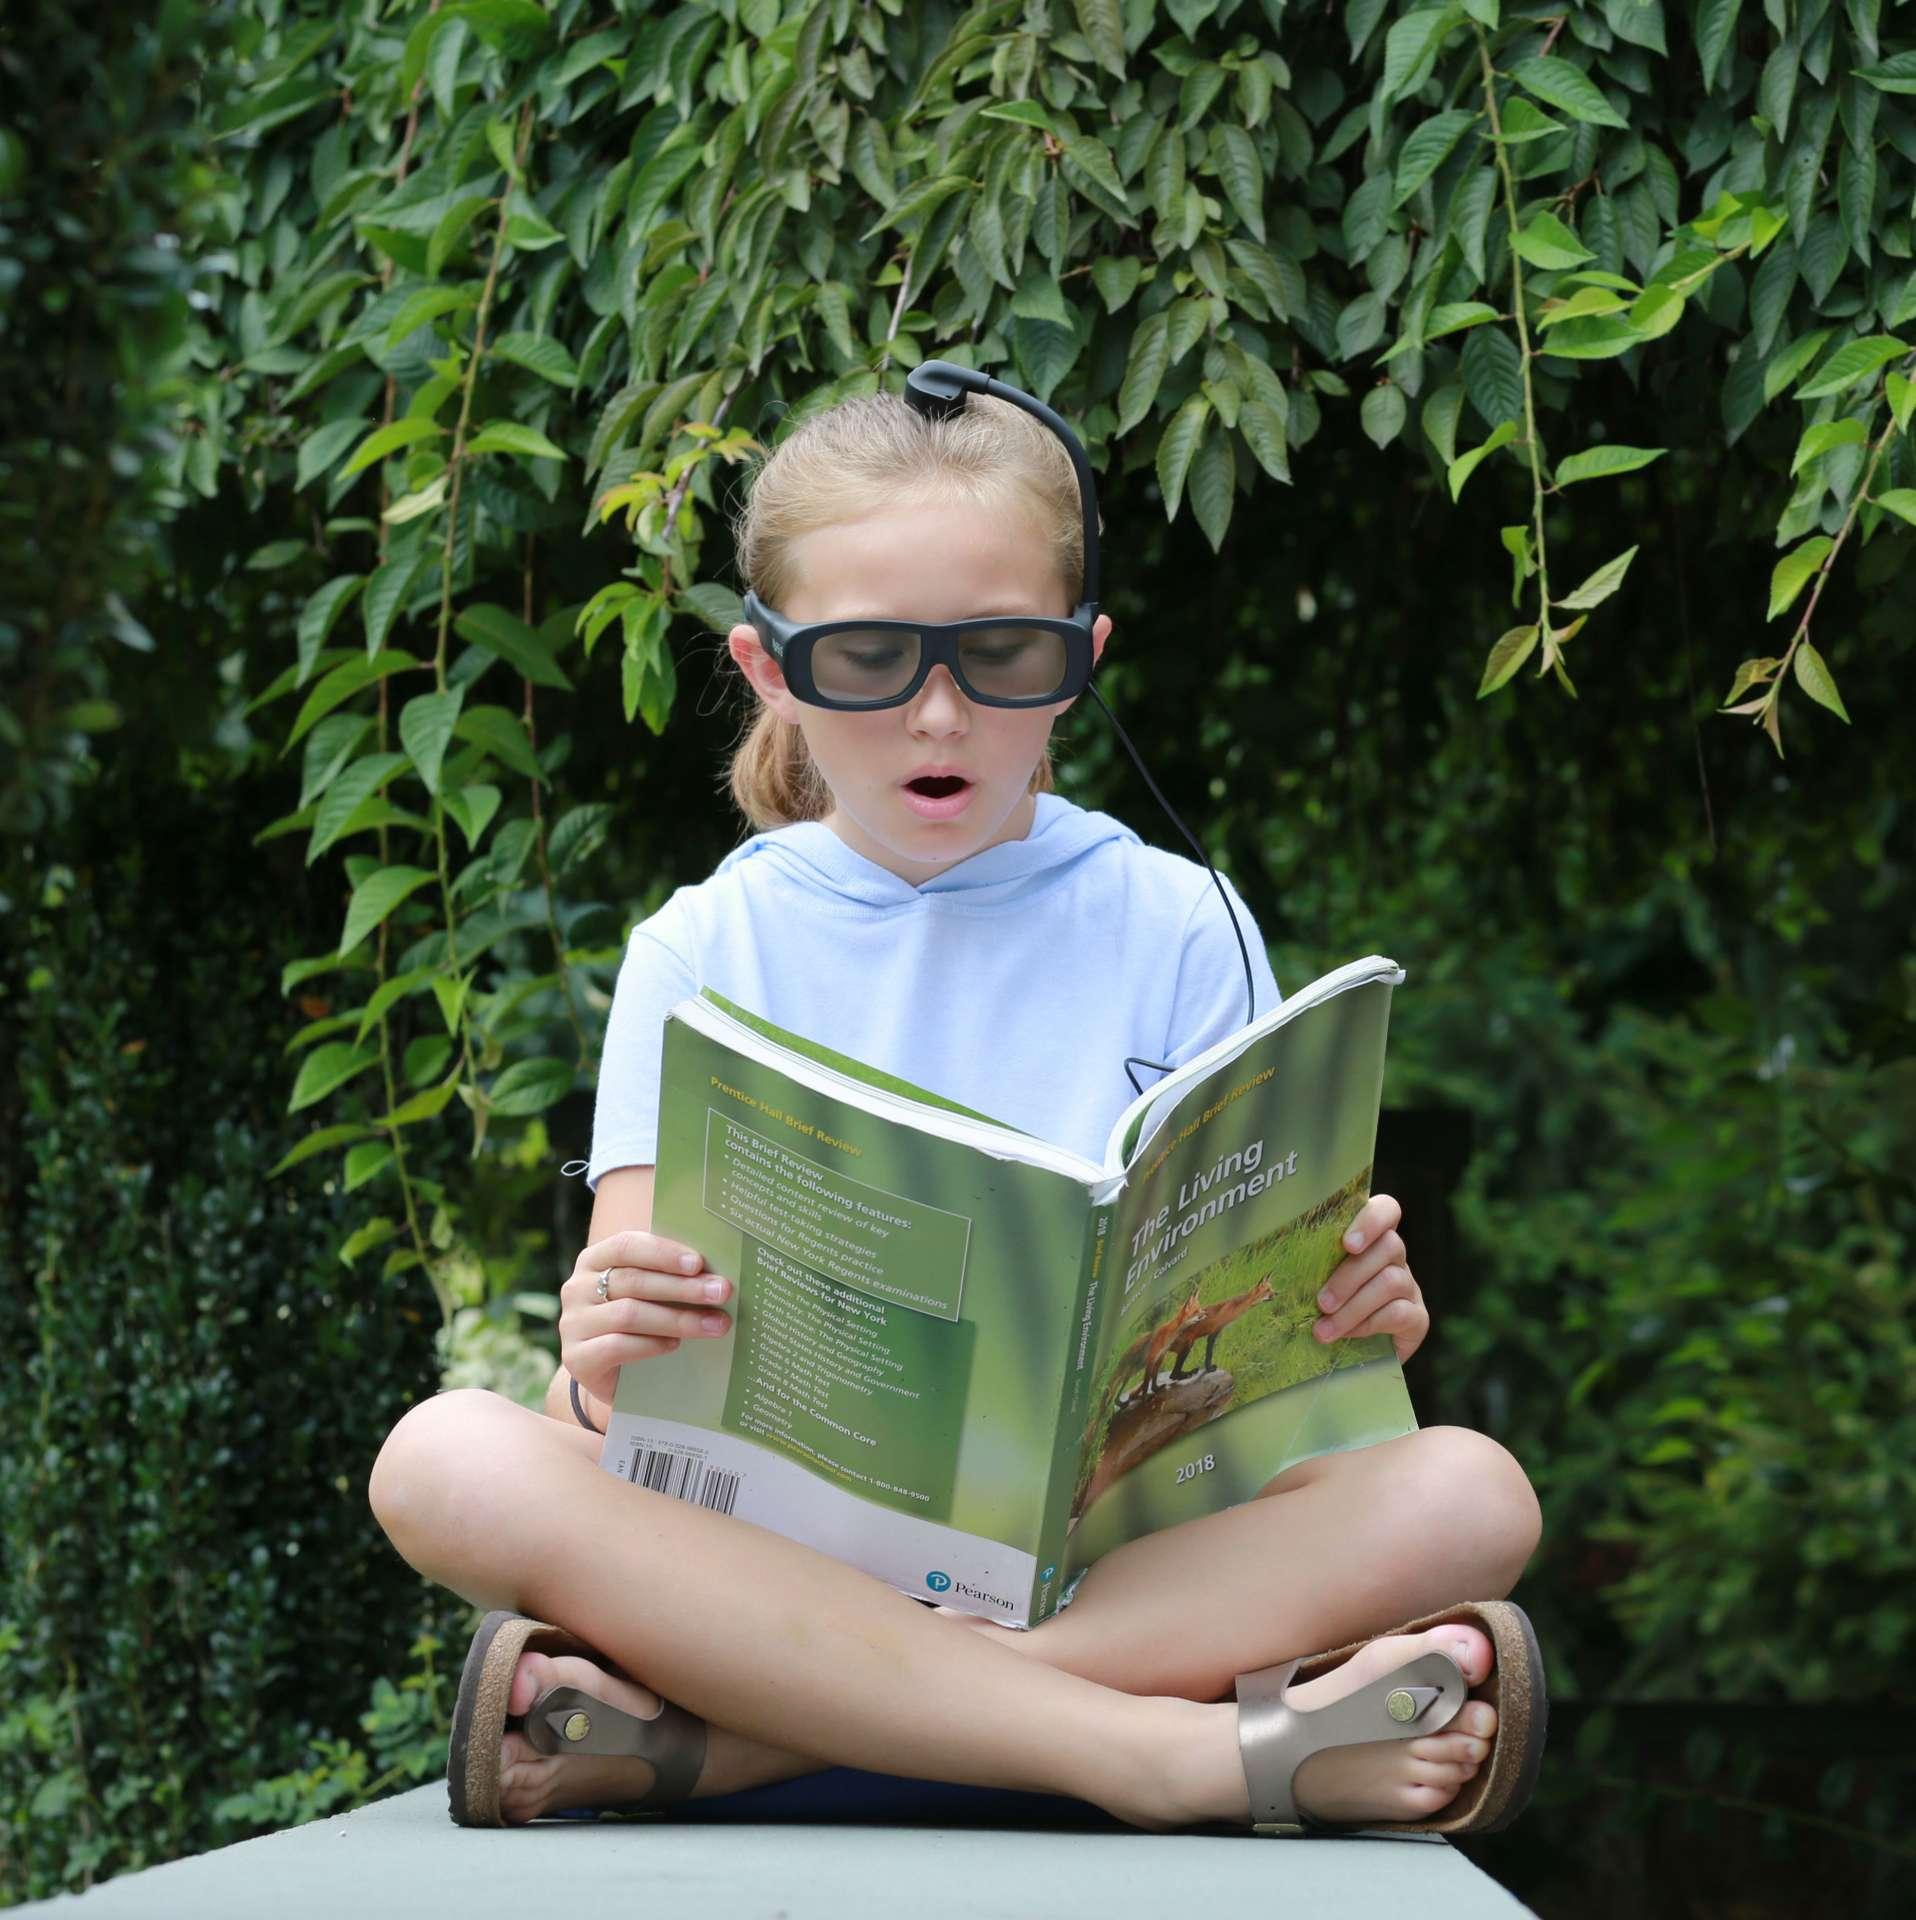 Narbis commercialise une paire de lunettes qui s'assombrissent pour punir son porteur lorsqu'il est distrait. © Courtesy of Narbis